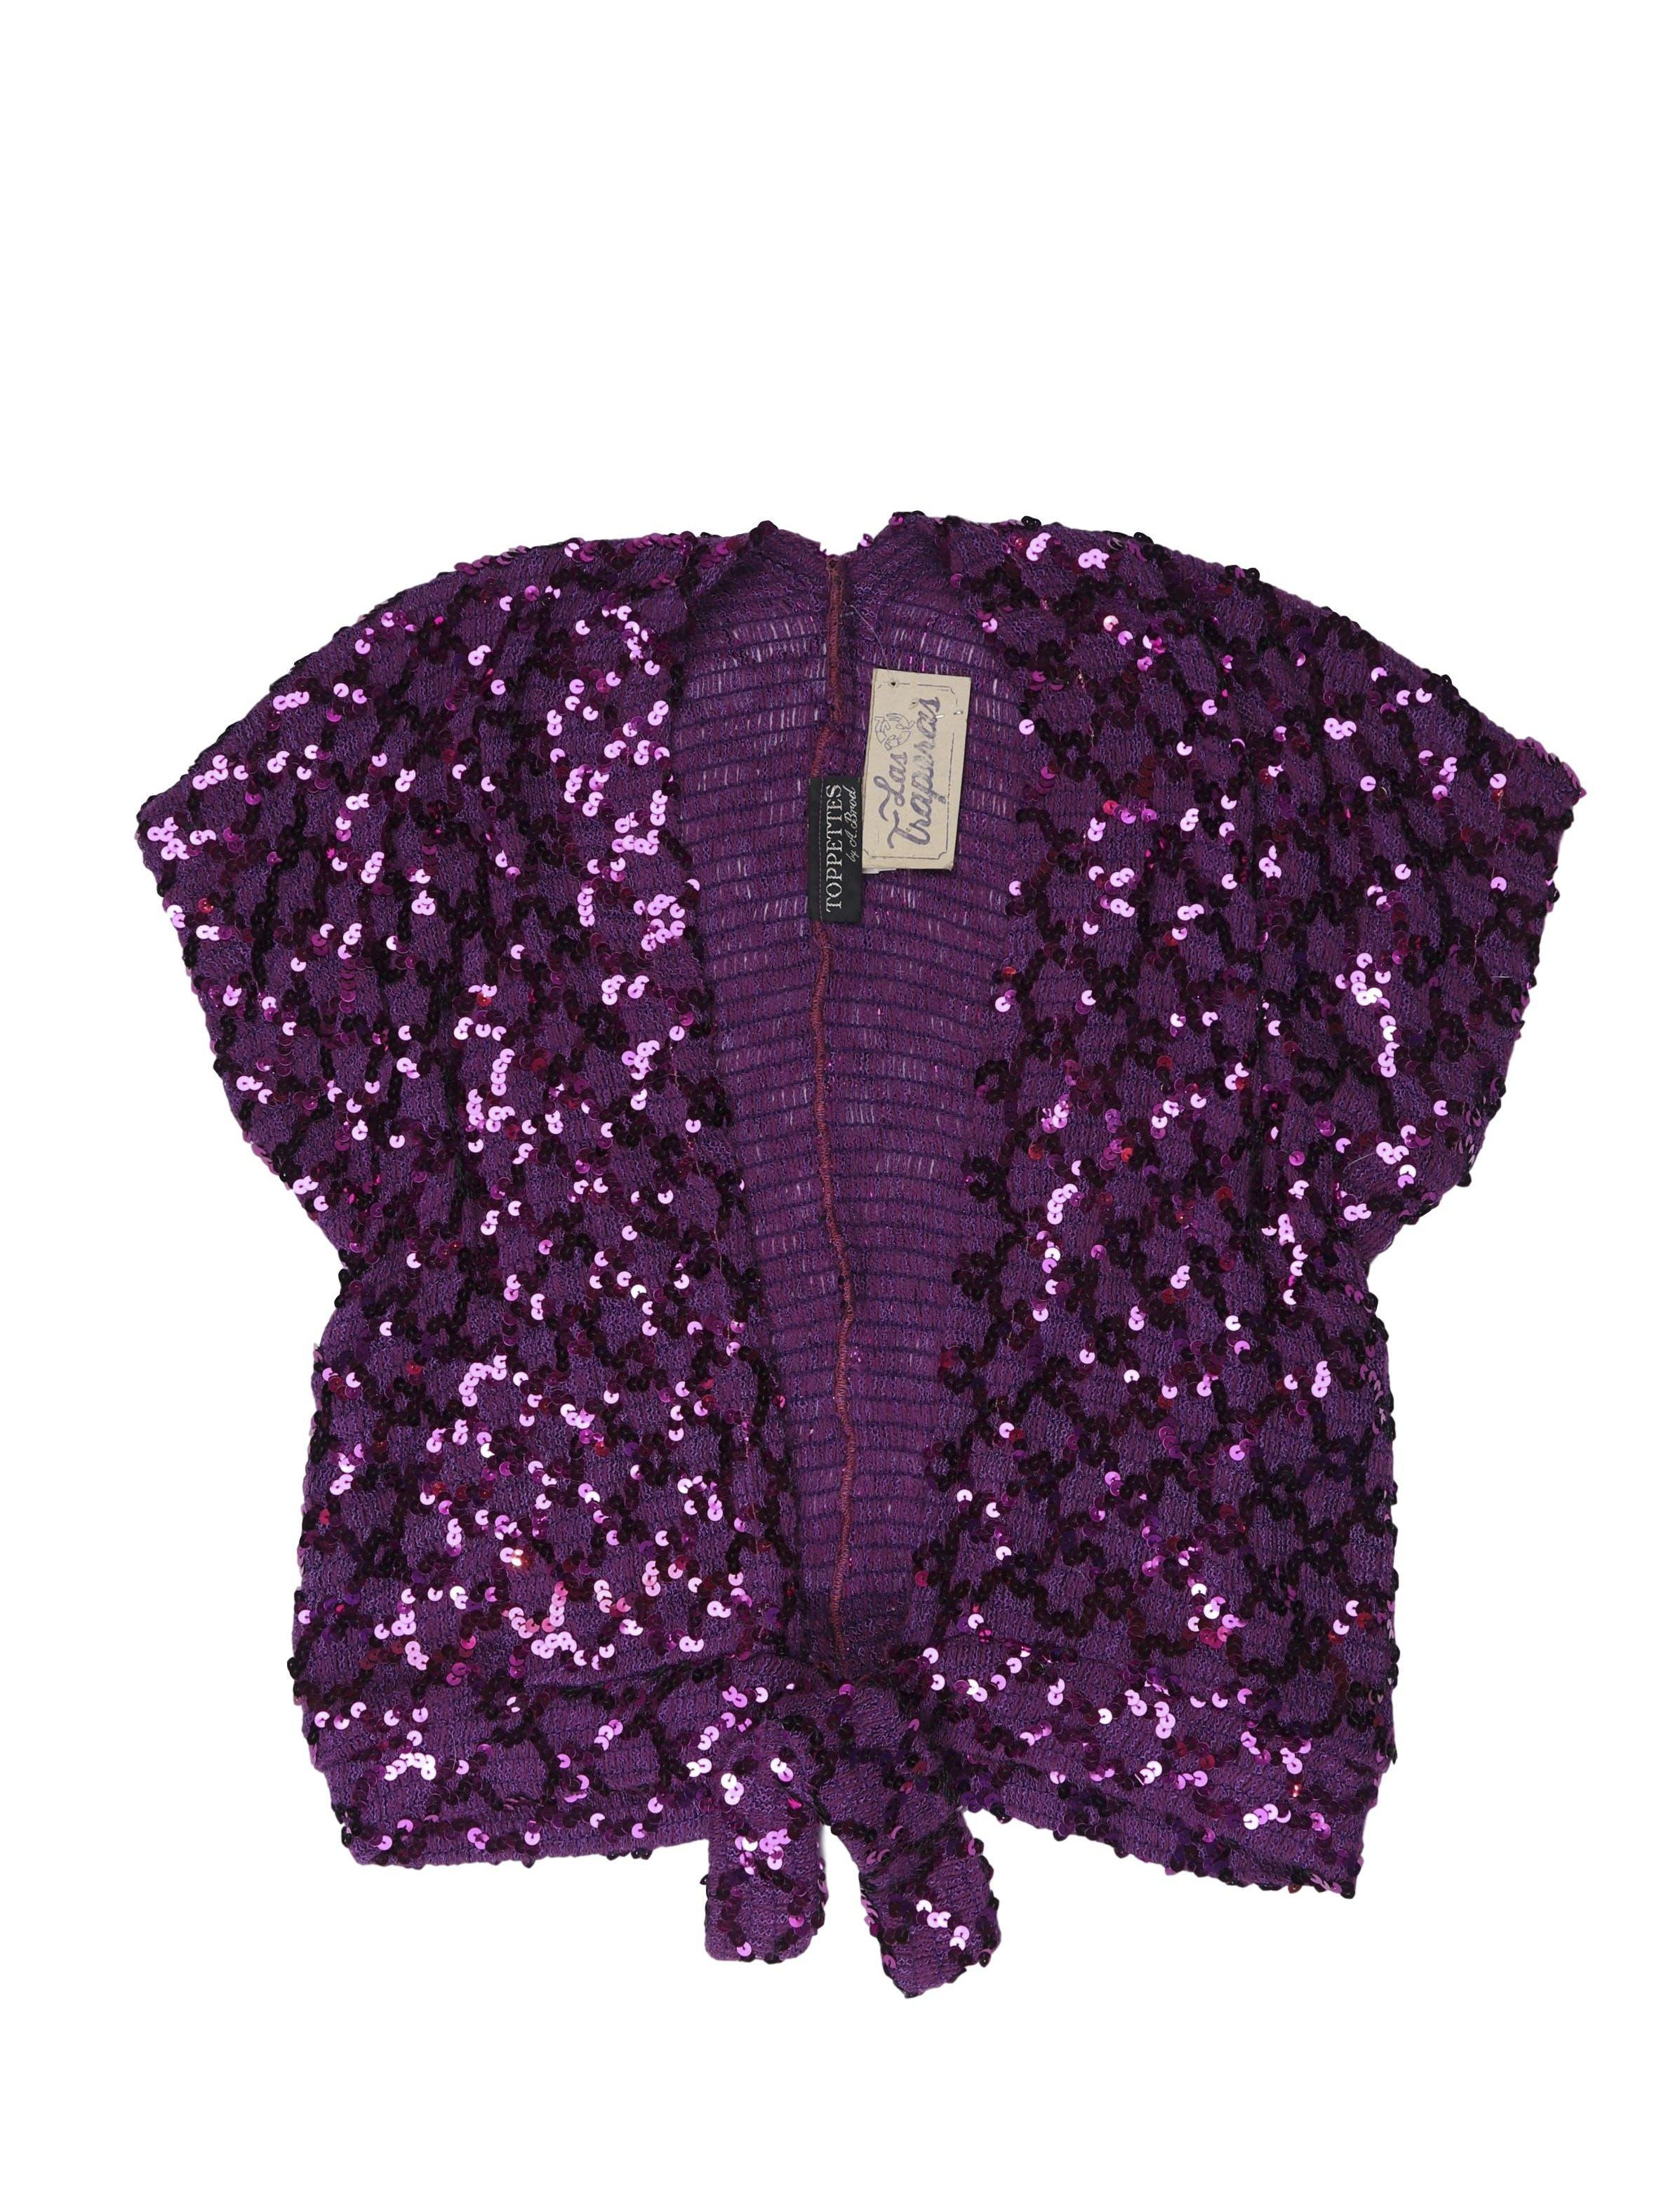 Cardigan vintage tejido morado con lentejuelas, se amarra a la cintura. Una pieza!